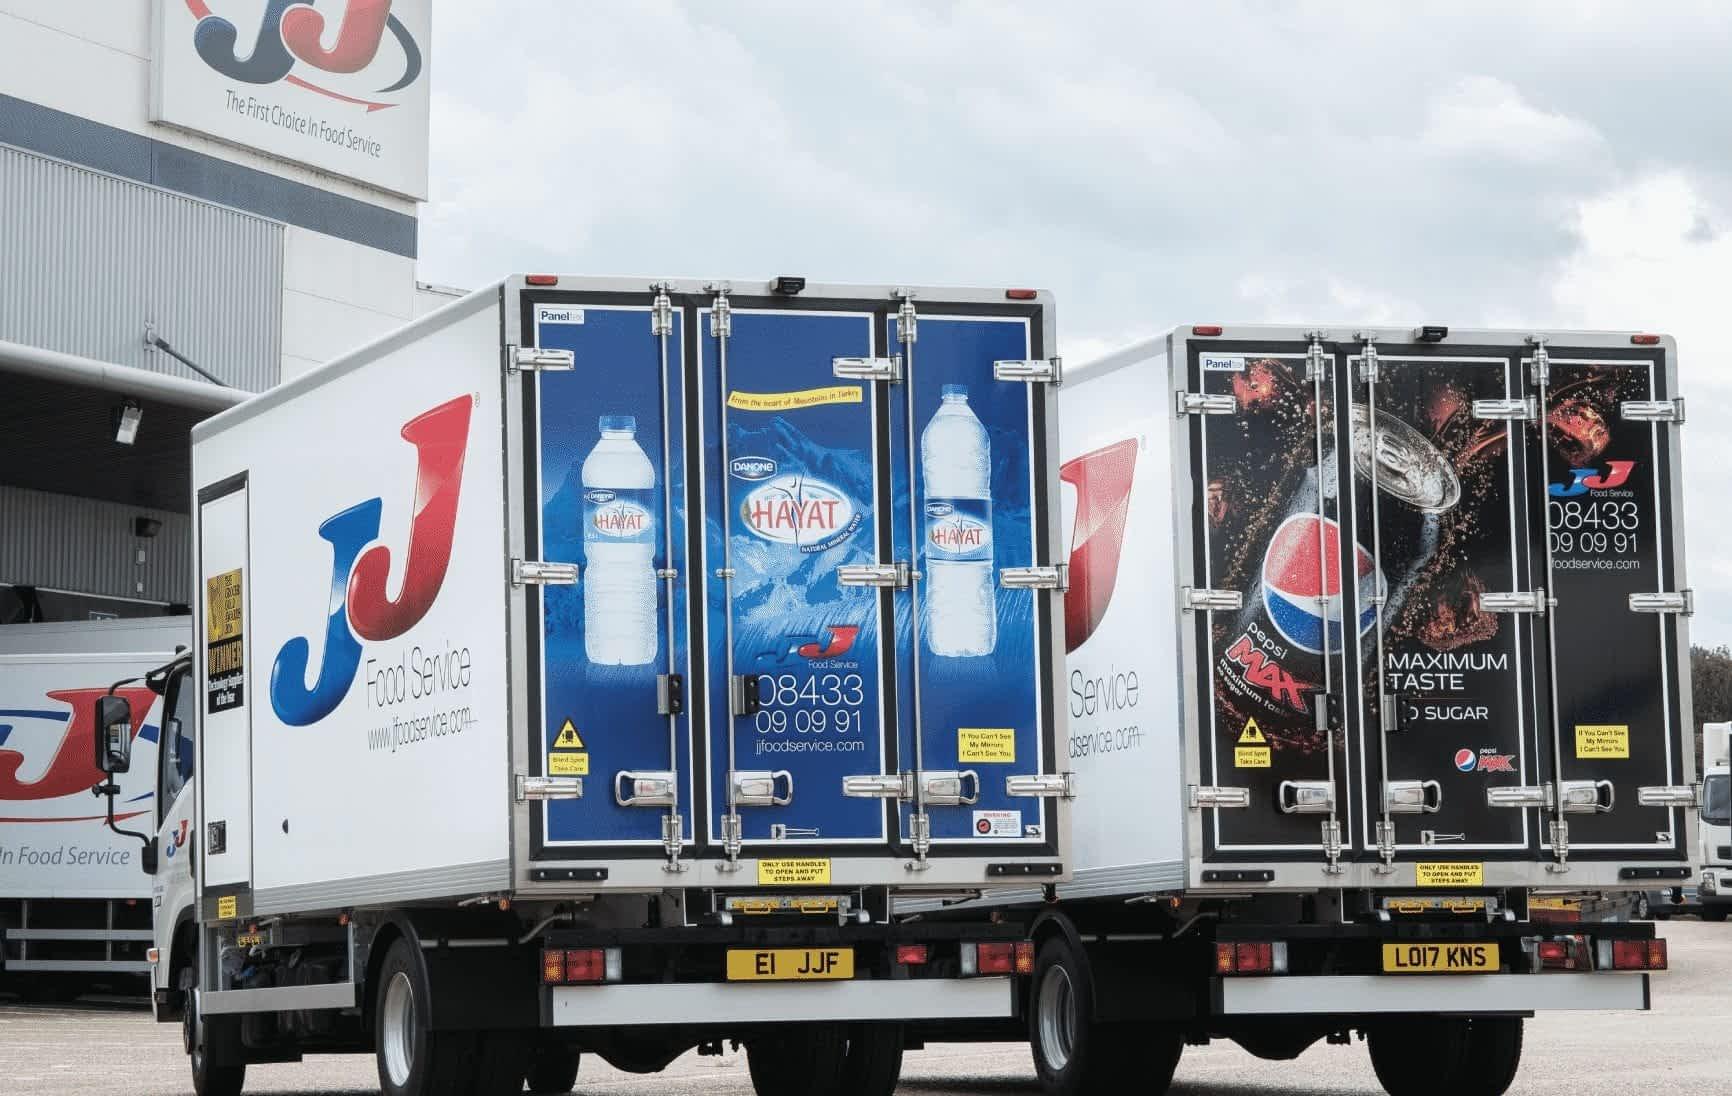 JJ Foods delivery van wraps